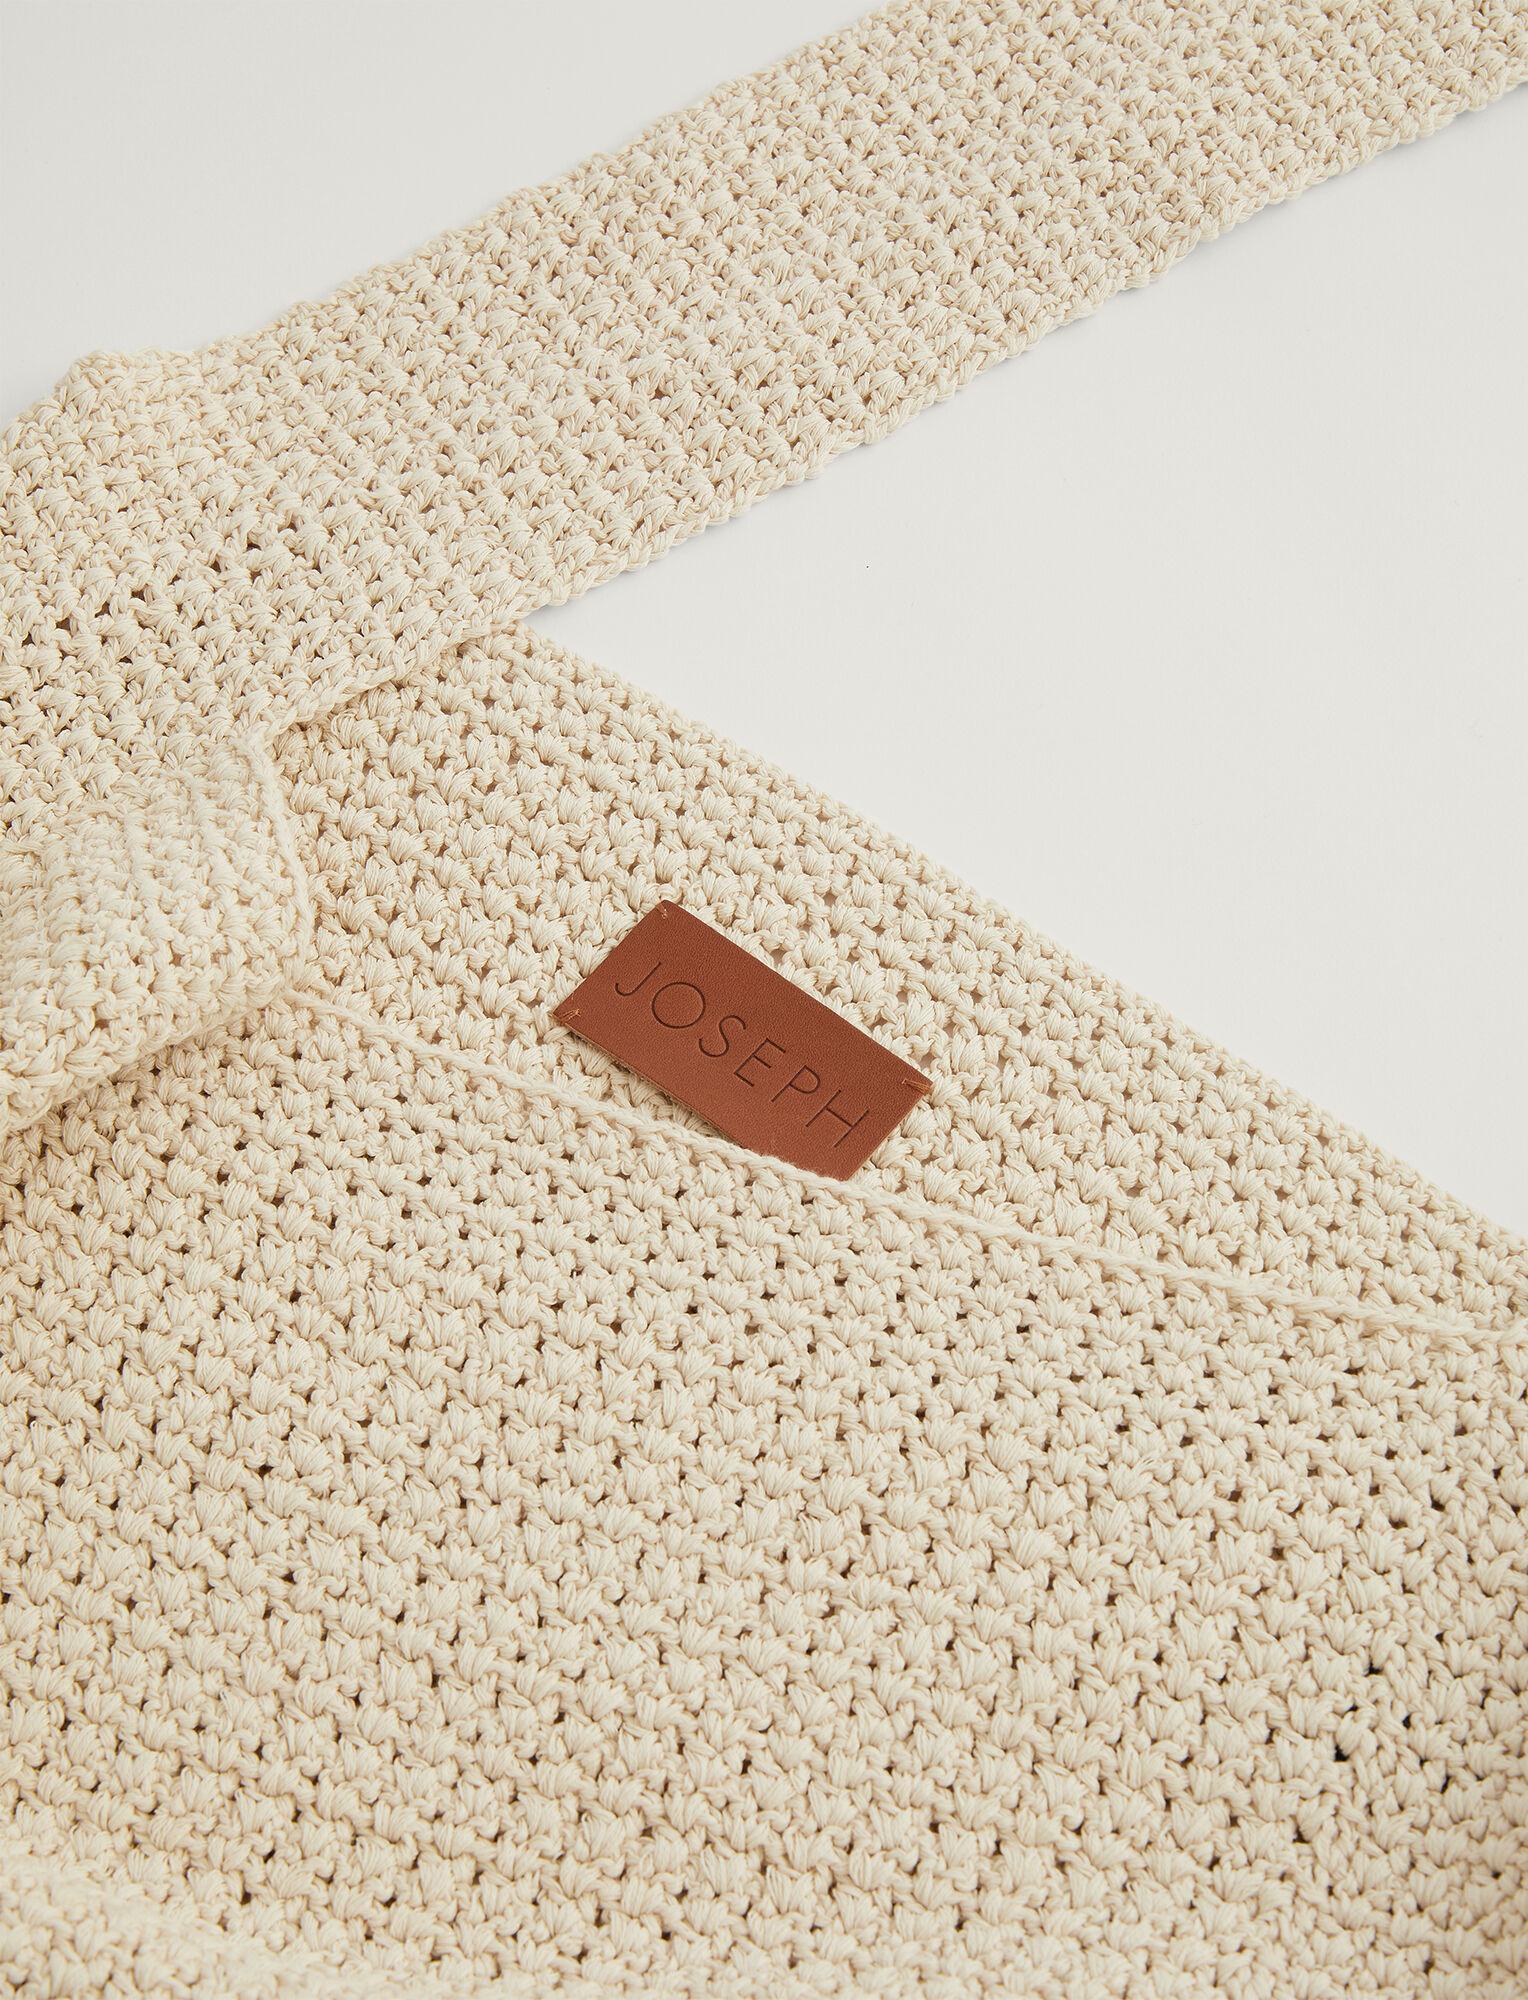 Joseph, Sac crocheté à la main en coton crispy, in PORCELAIN